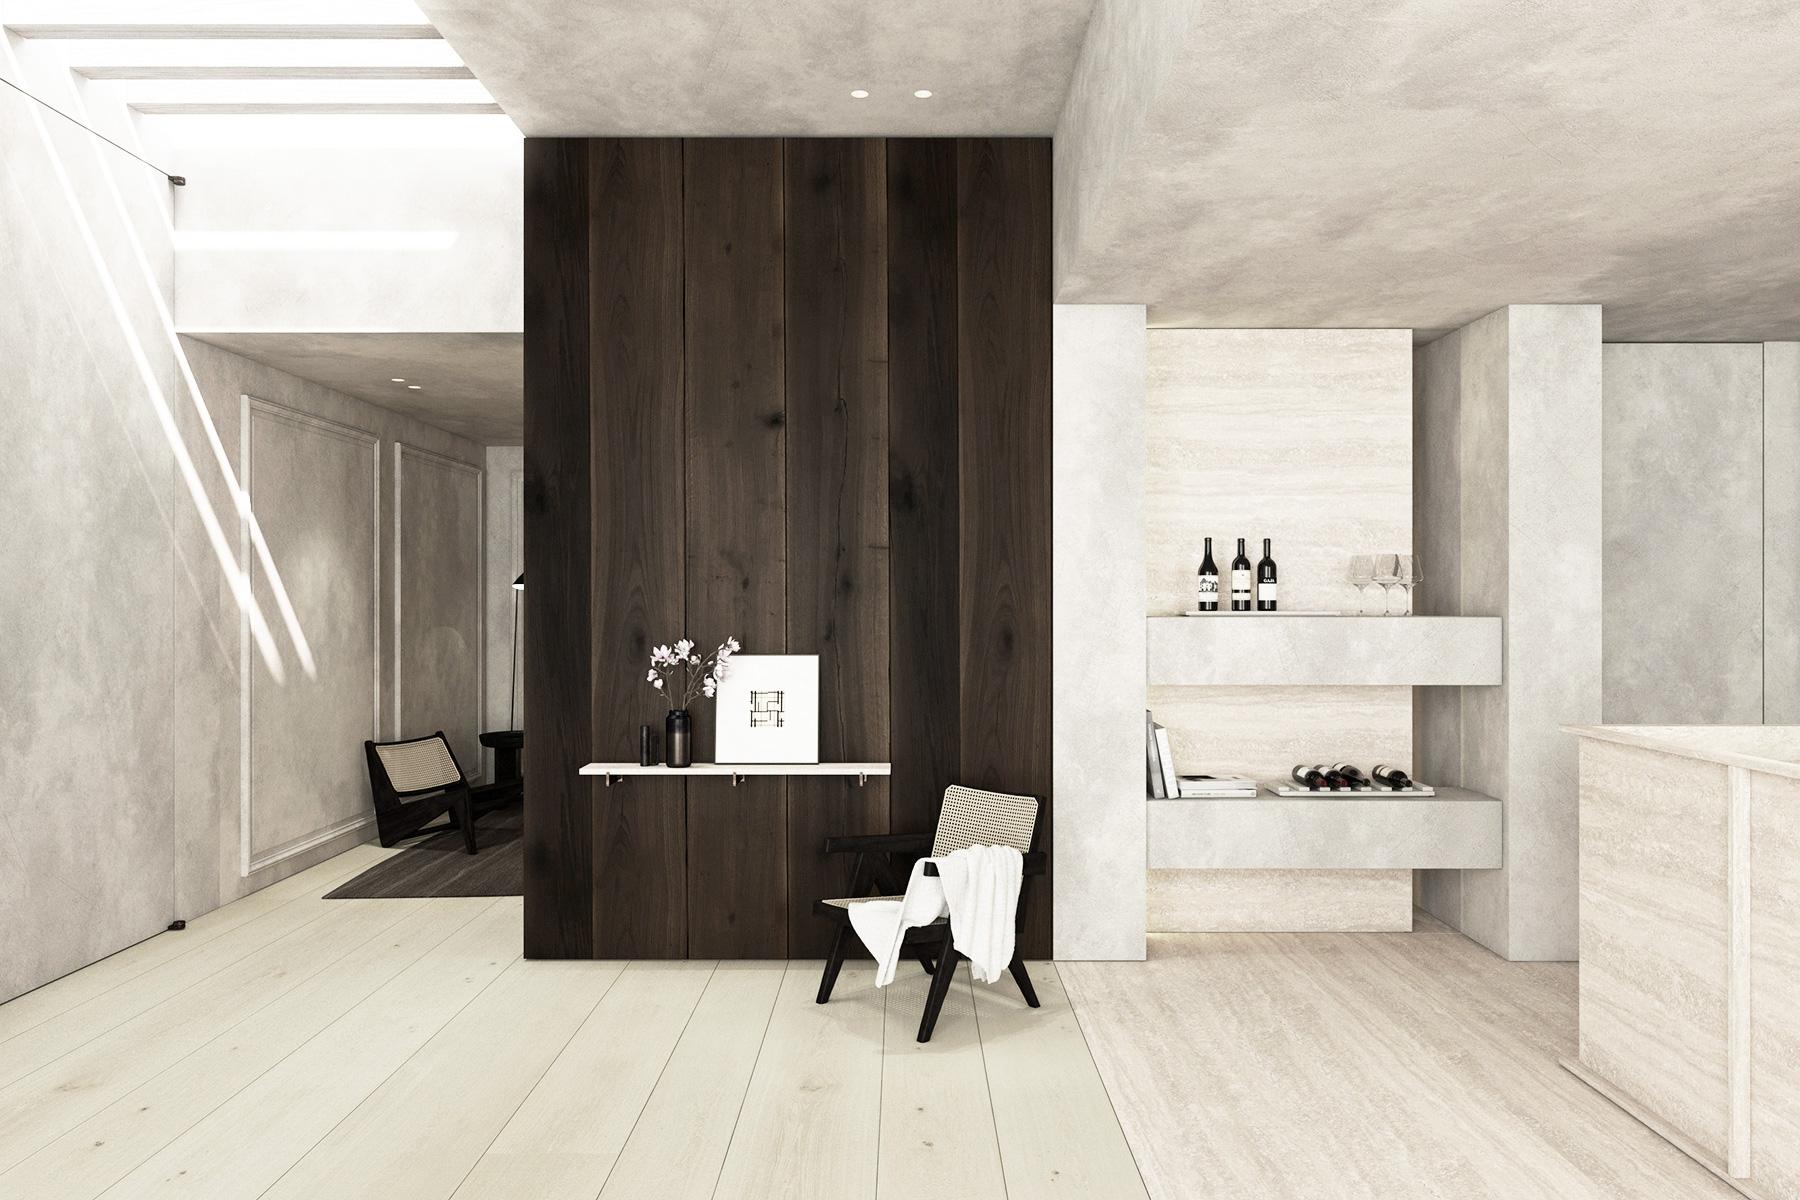 KERSTENS_DR-Residence-(4).jpg